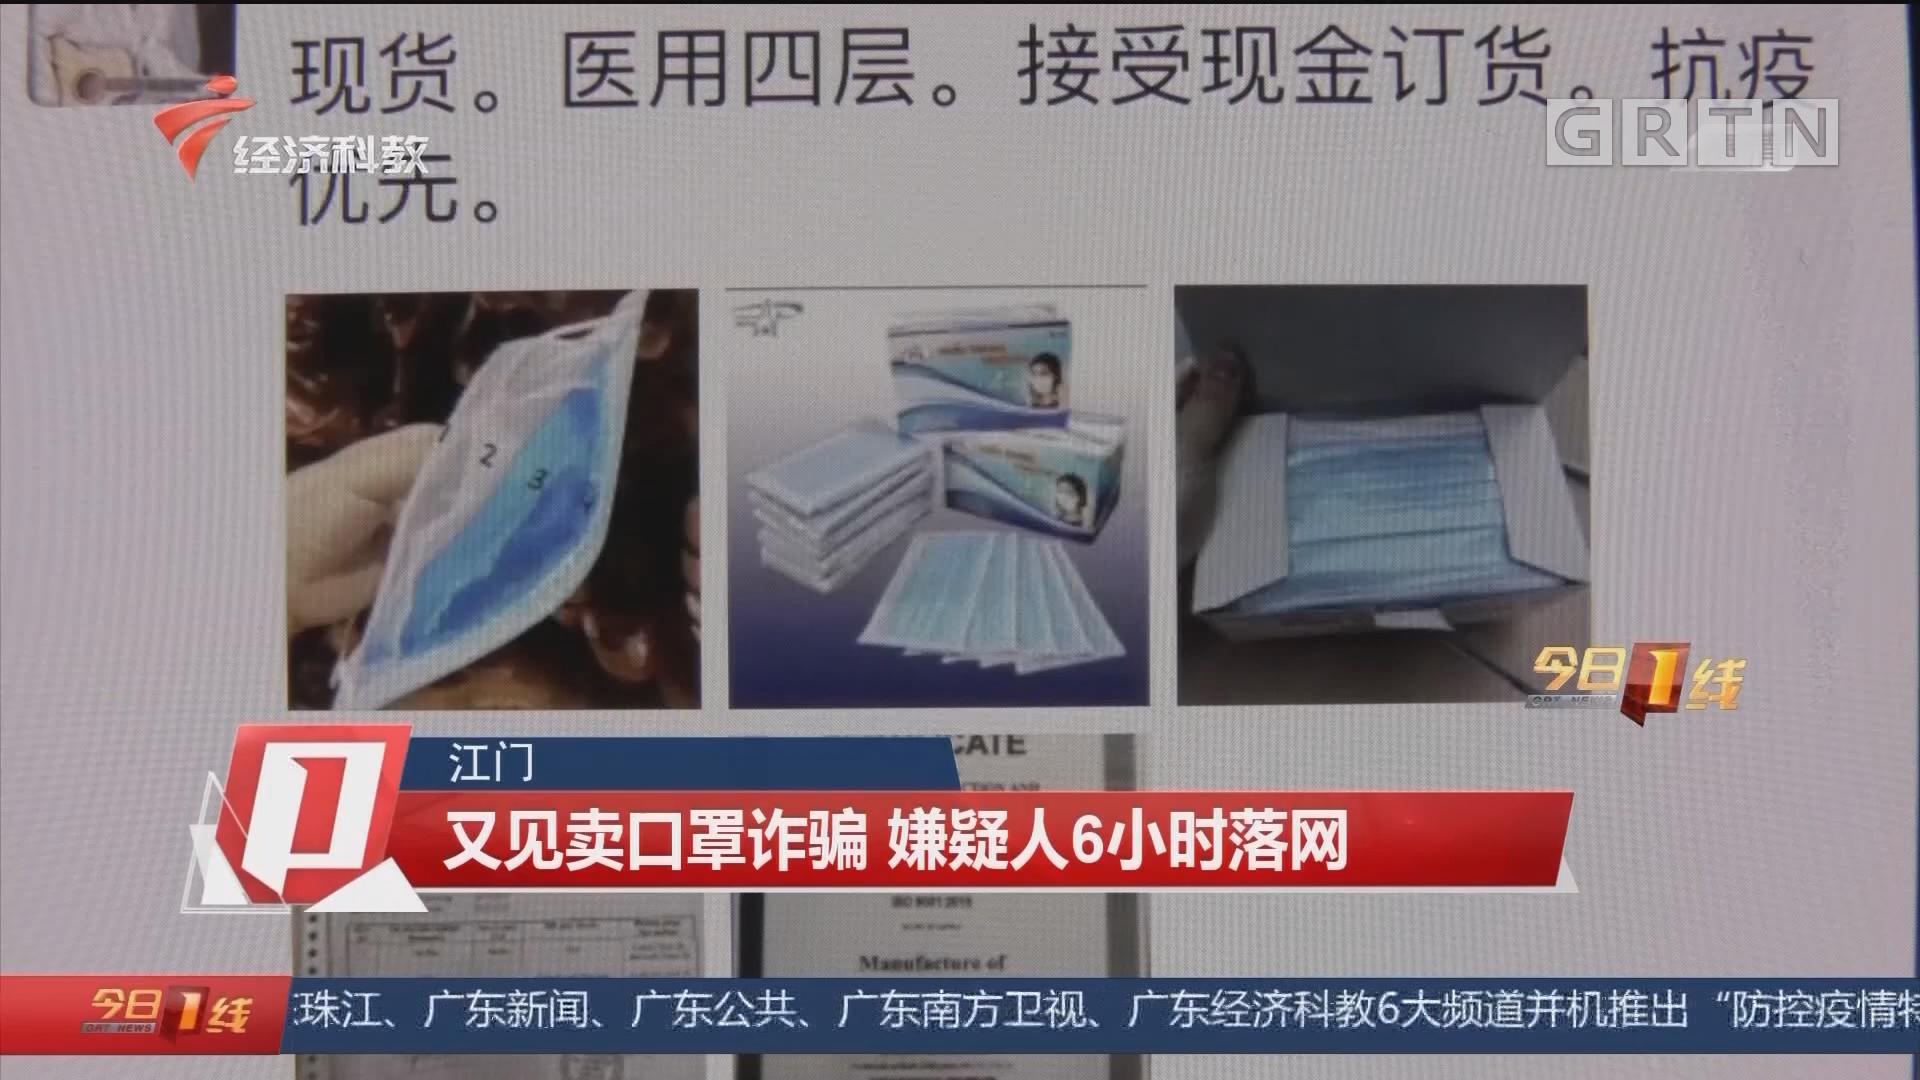 江门:又见卖口罩诈骗 嫌疑人6小时落网